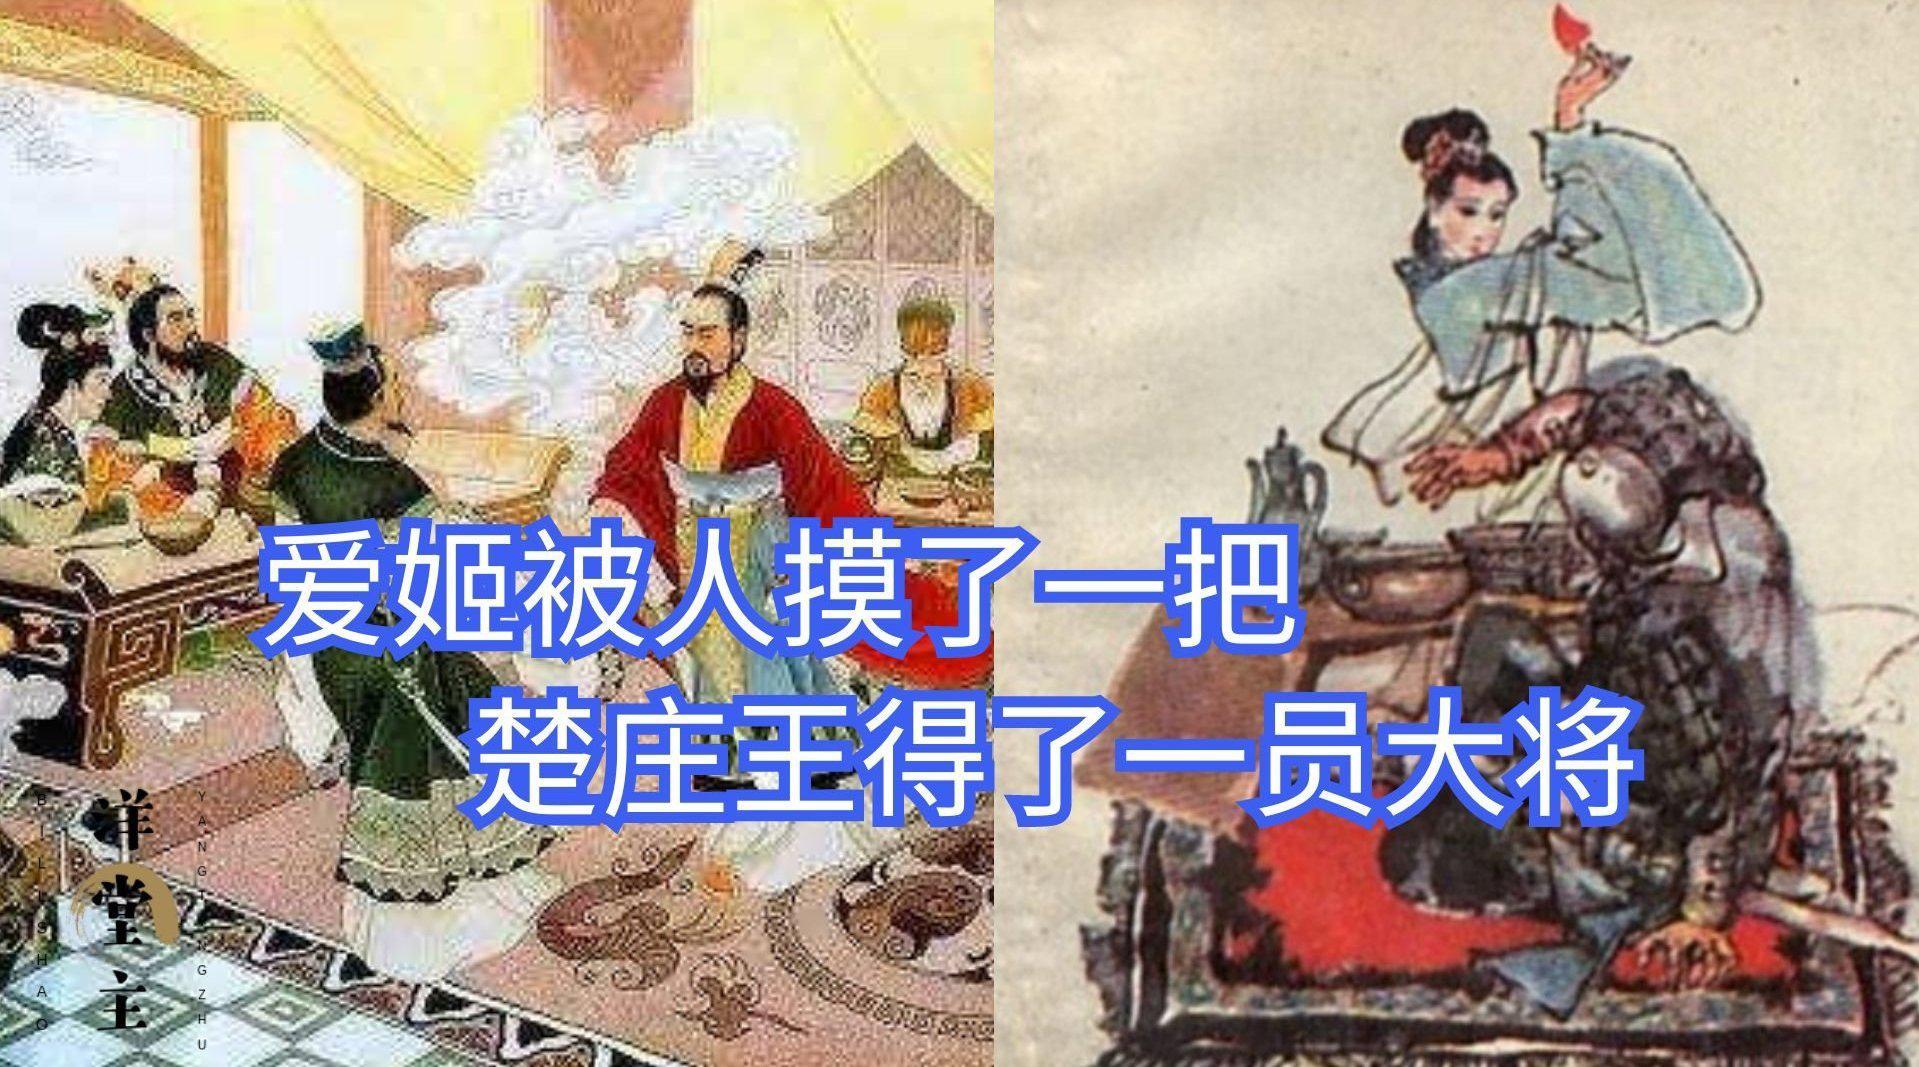 因为爱姬被人摸了一把,楚庄王得了一员大将,更成就了自己的霸业